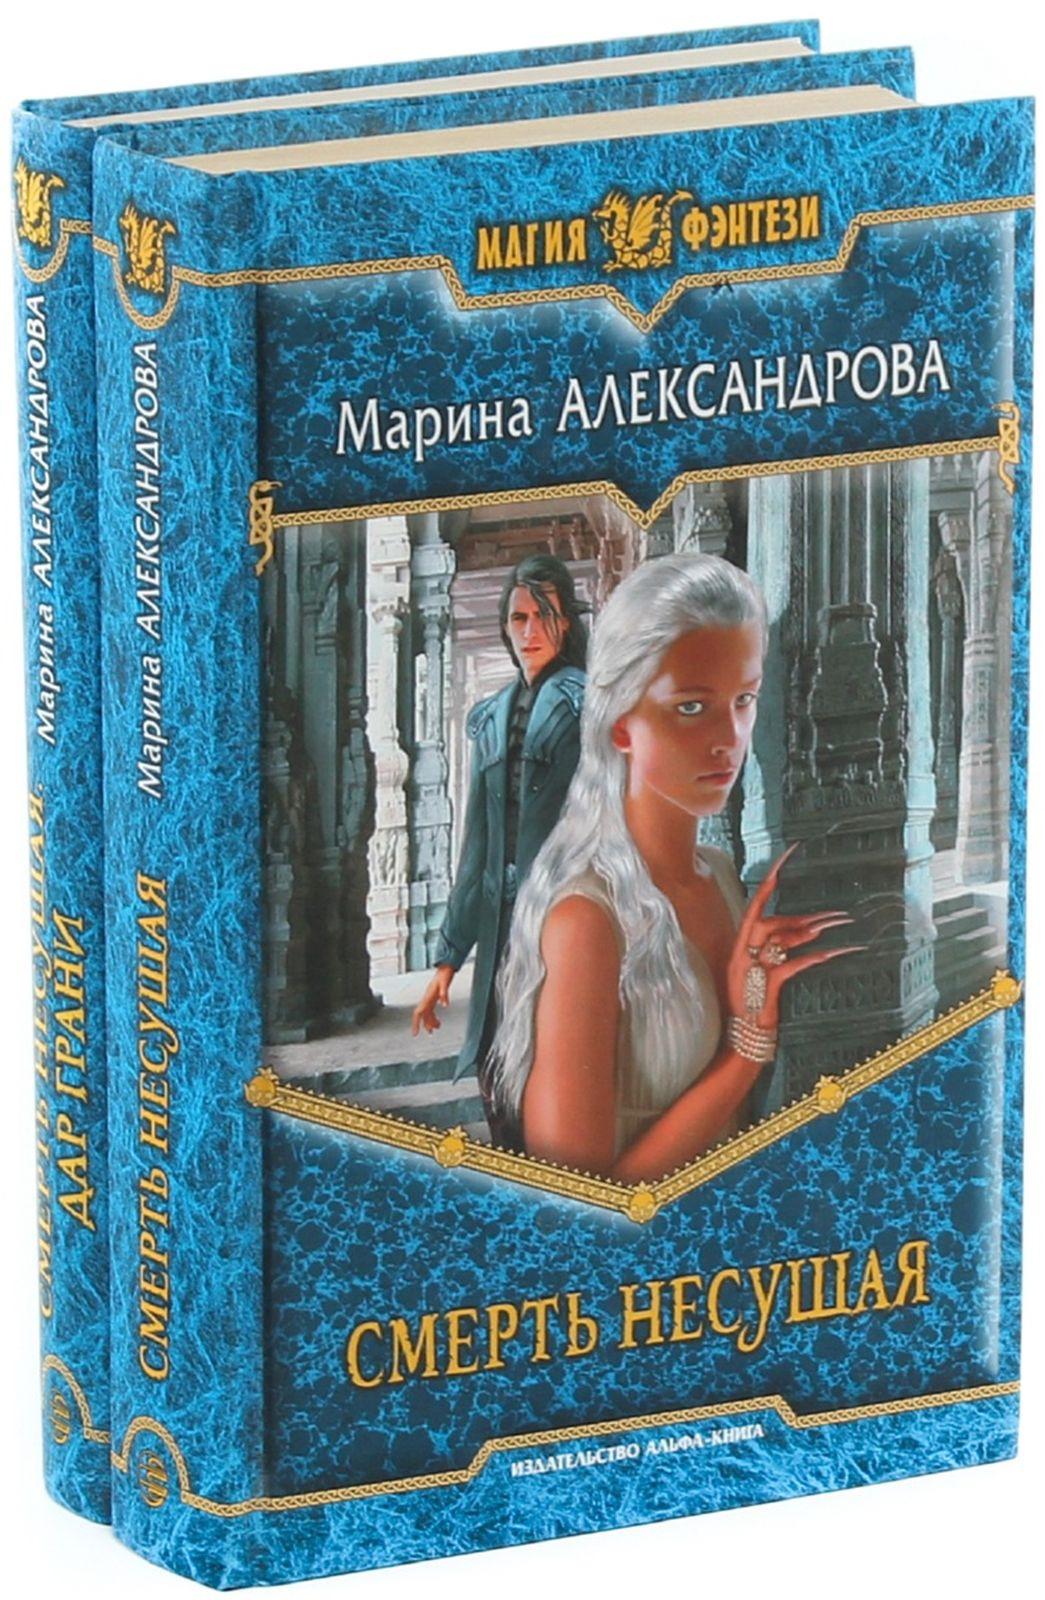 """Марина Александрова. Цикл """"Смерть несущая"""" (комплект из 2 книг)"""